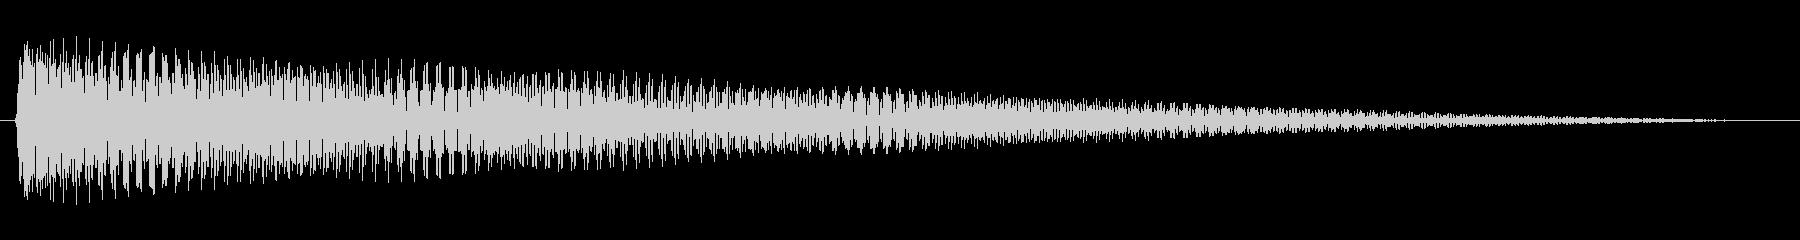 ジングル 切ないコードギターBの未再生の波形